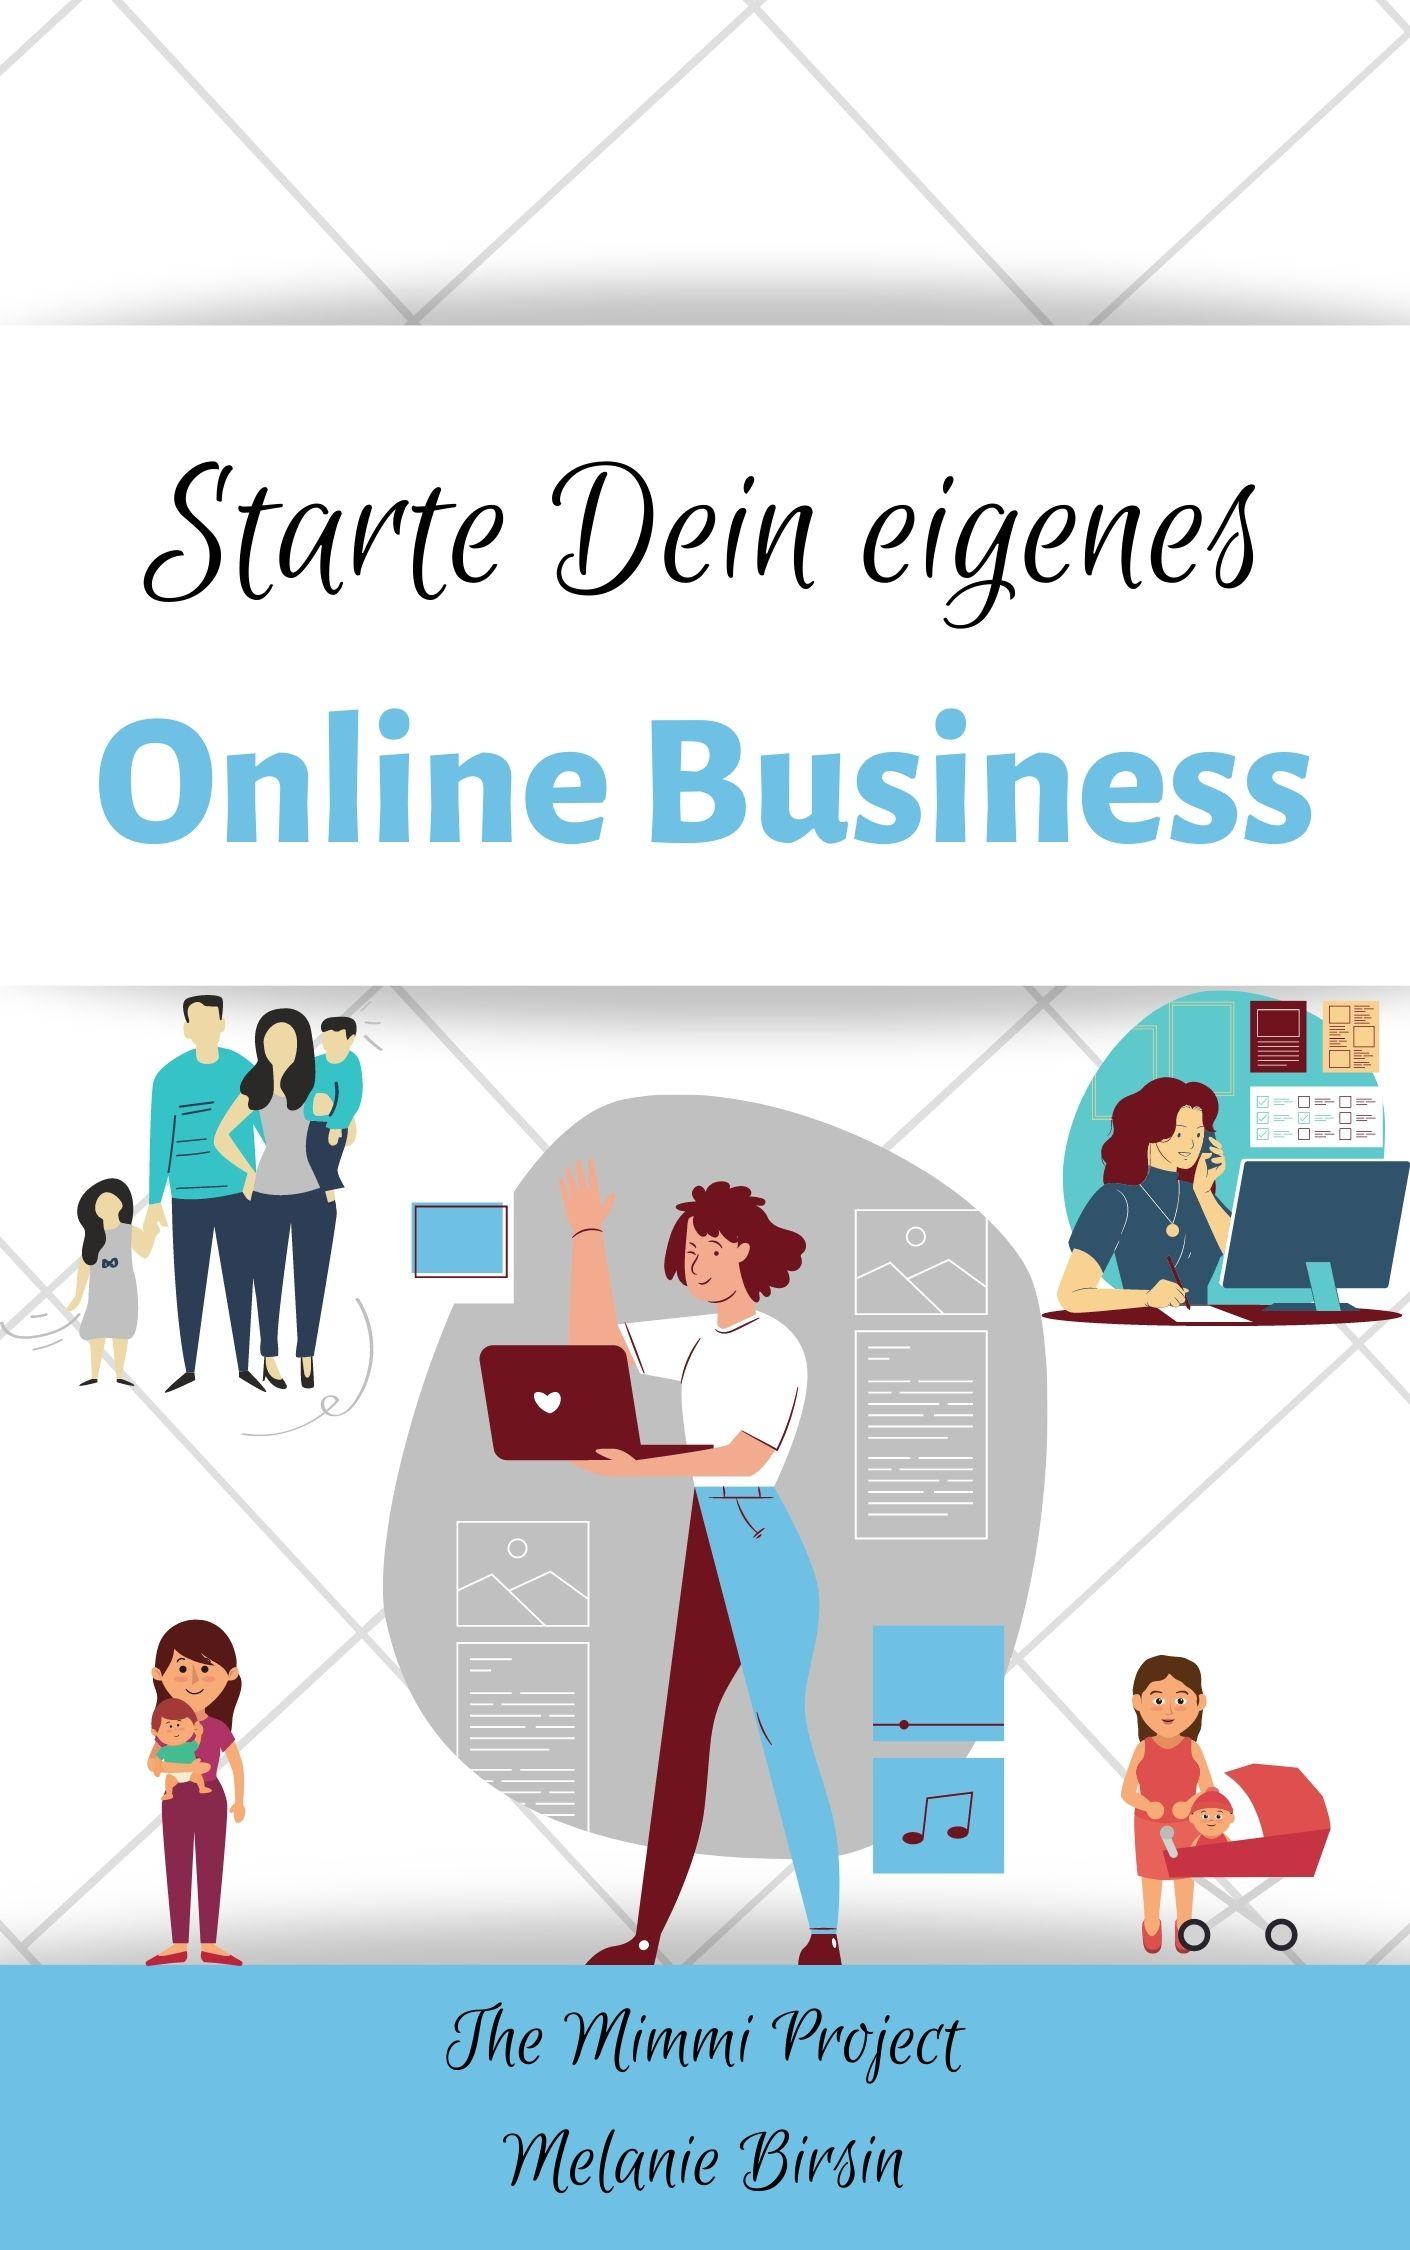 Starte Dein eigenes Online Business Cover